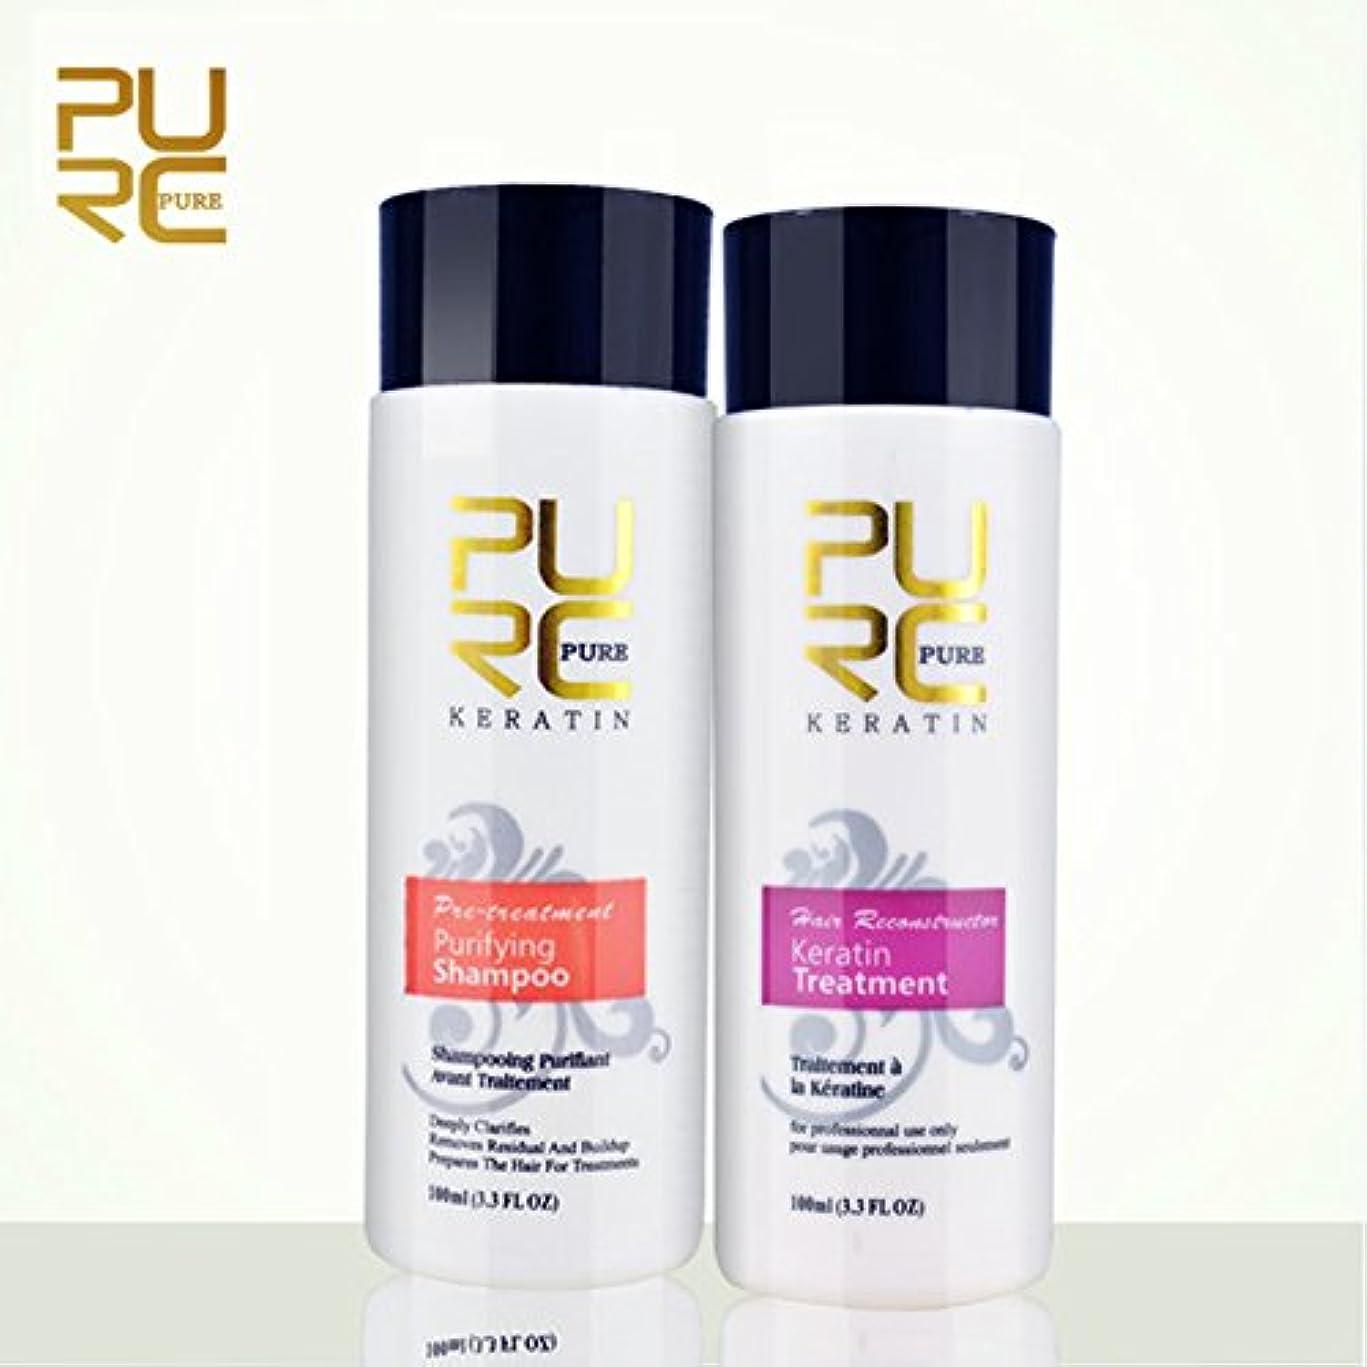 支配する他のバンドで日の出SET of 2 - PURE Straightening hair Repair and straighten damage hair products Brazilian keratin treatment + purifying shampoo